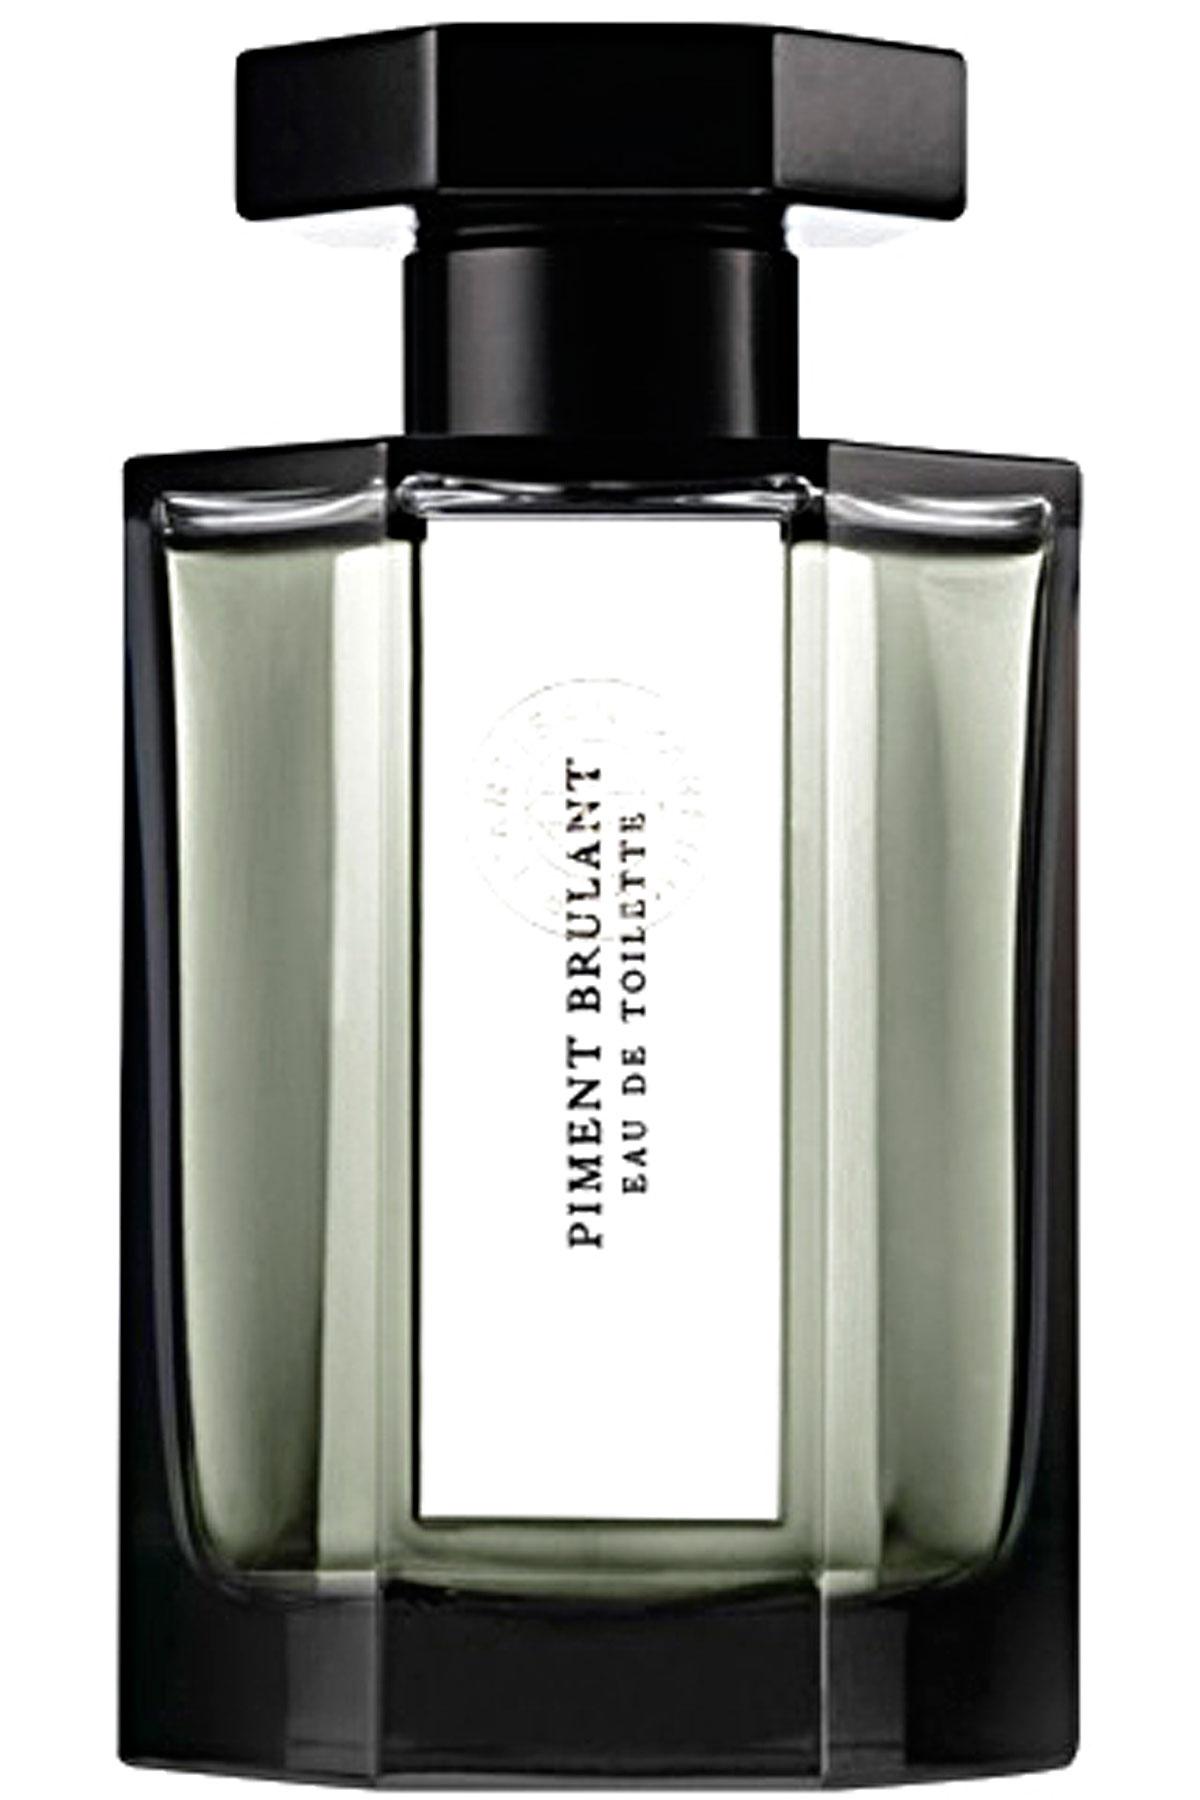 Artisan Parfumeur Fragrances for Men, Piment Brulant - Eau De Toilette - 100 Ml, 2019, 100 ml